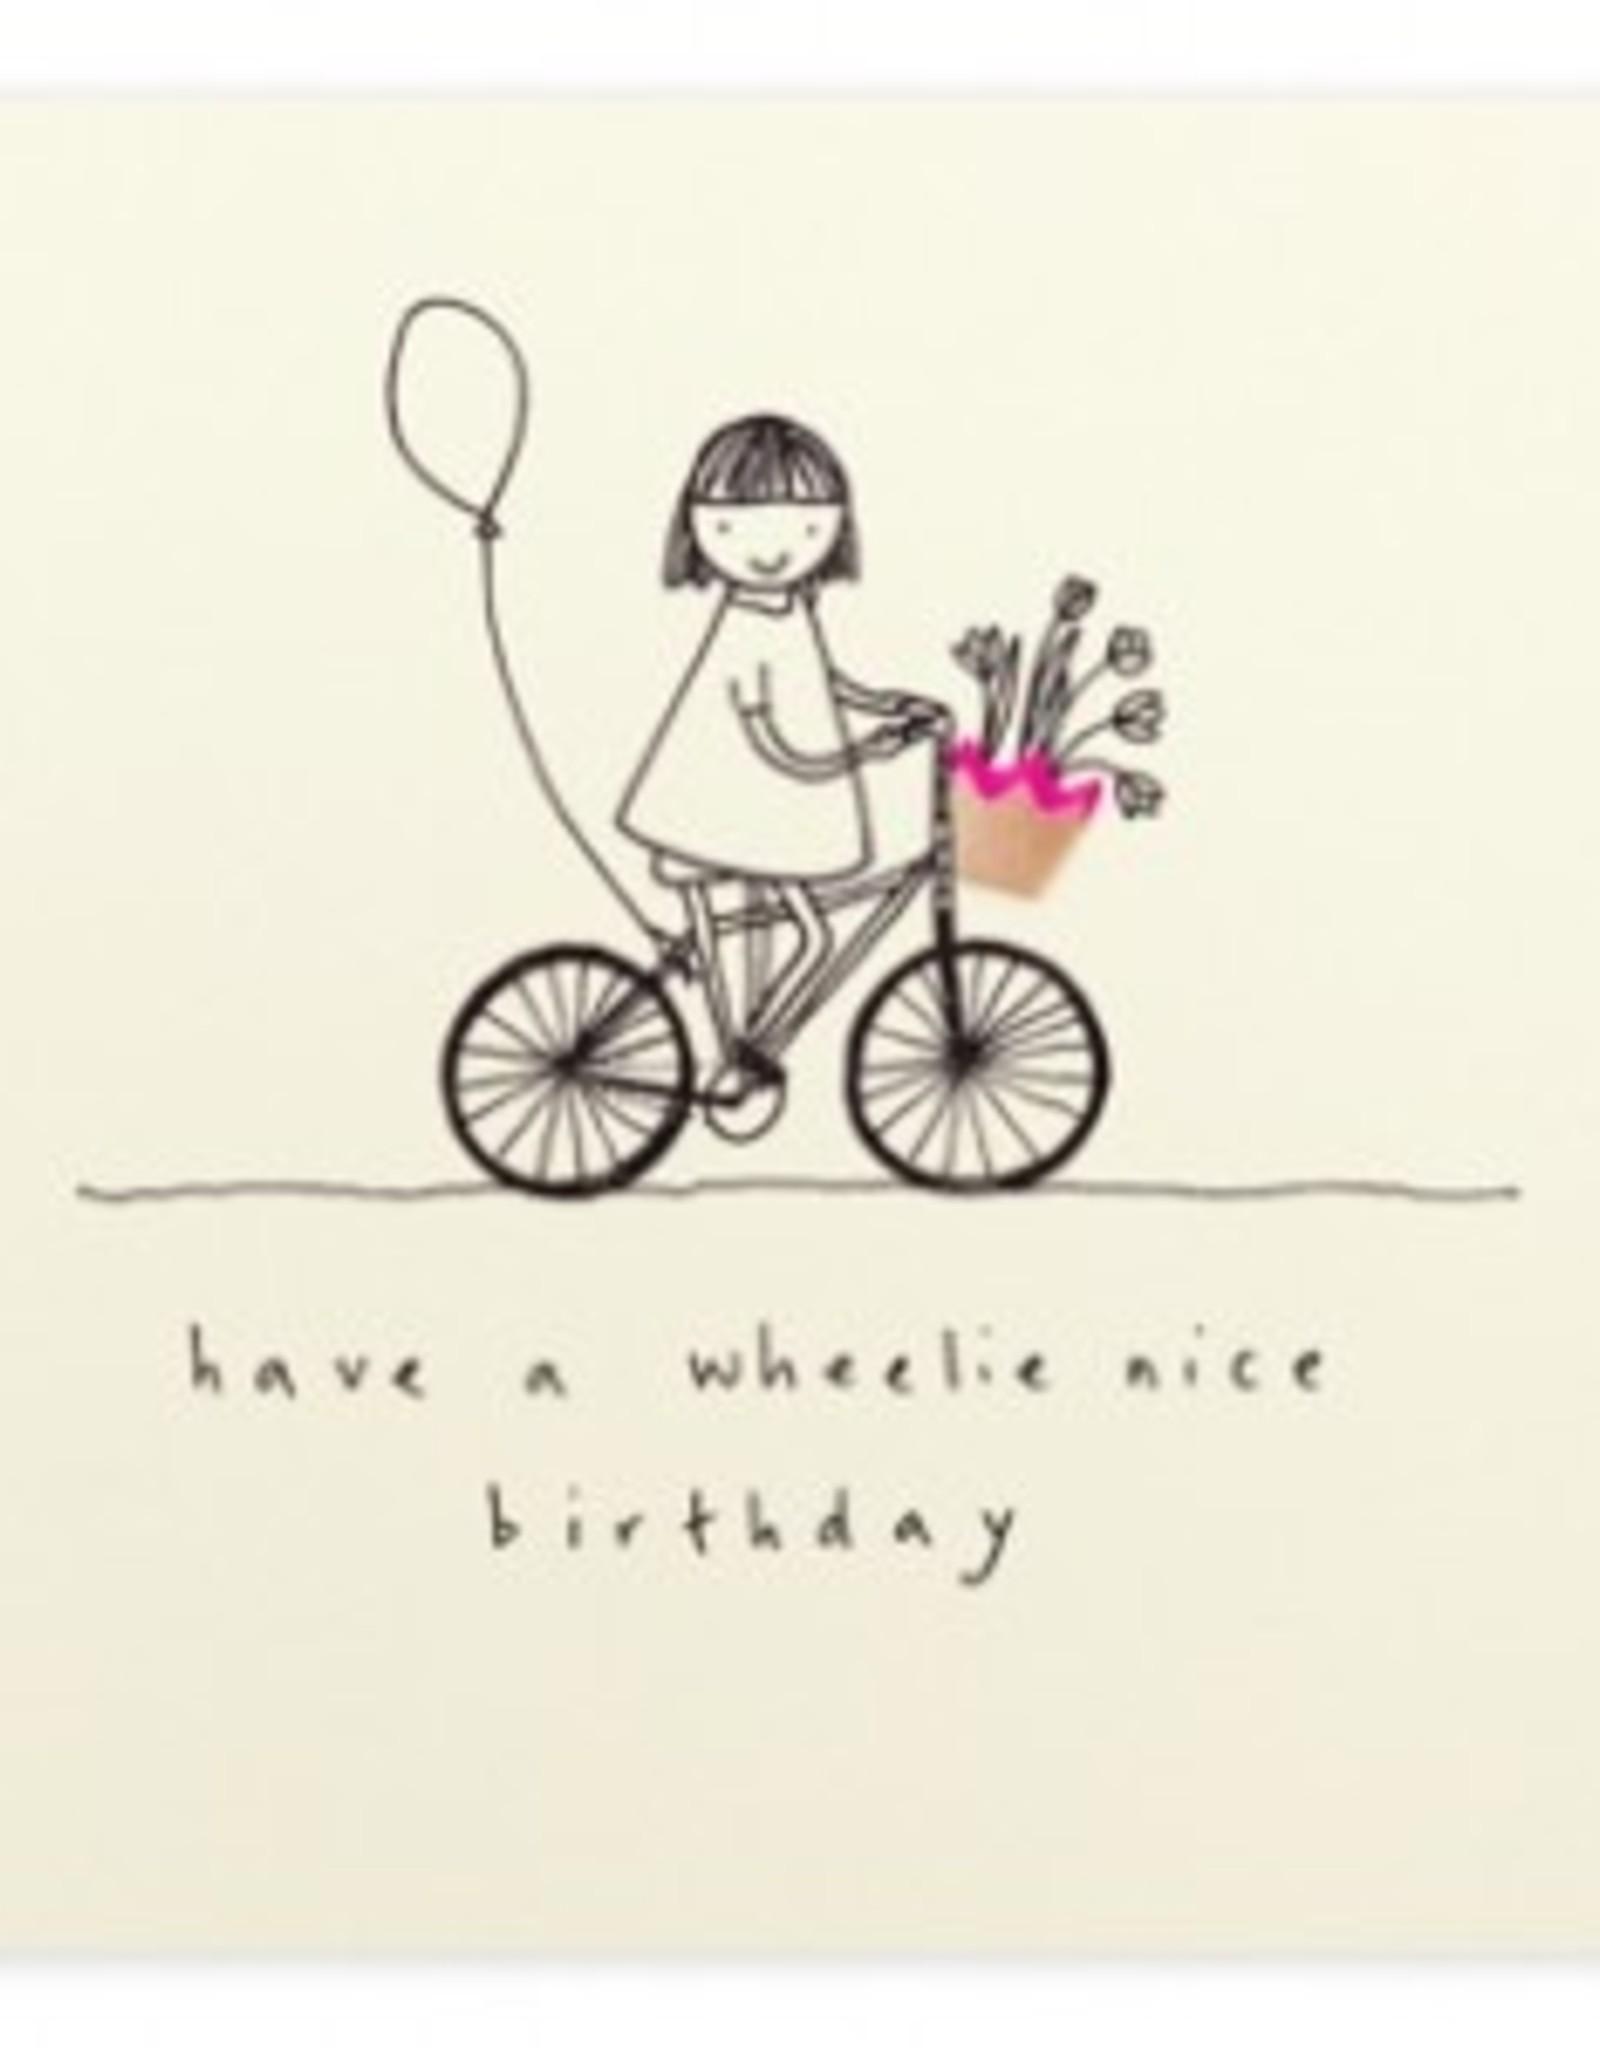 Ruth Jackson Ruth Jackson Have a wheelie nice Birthday